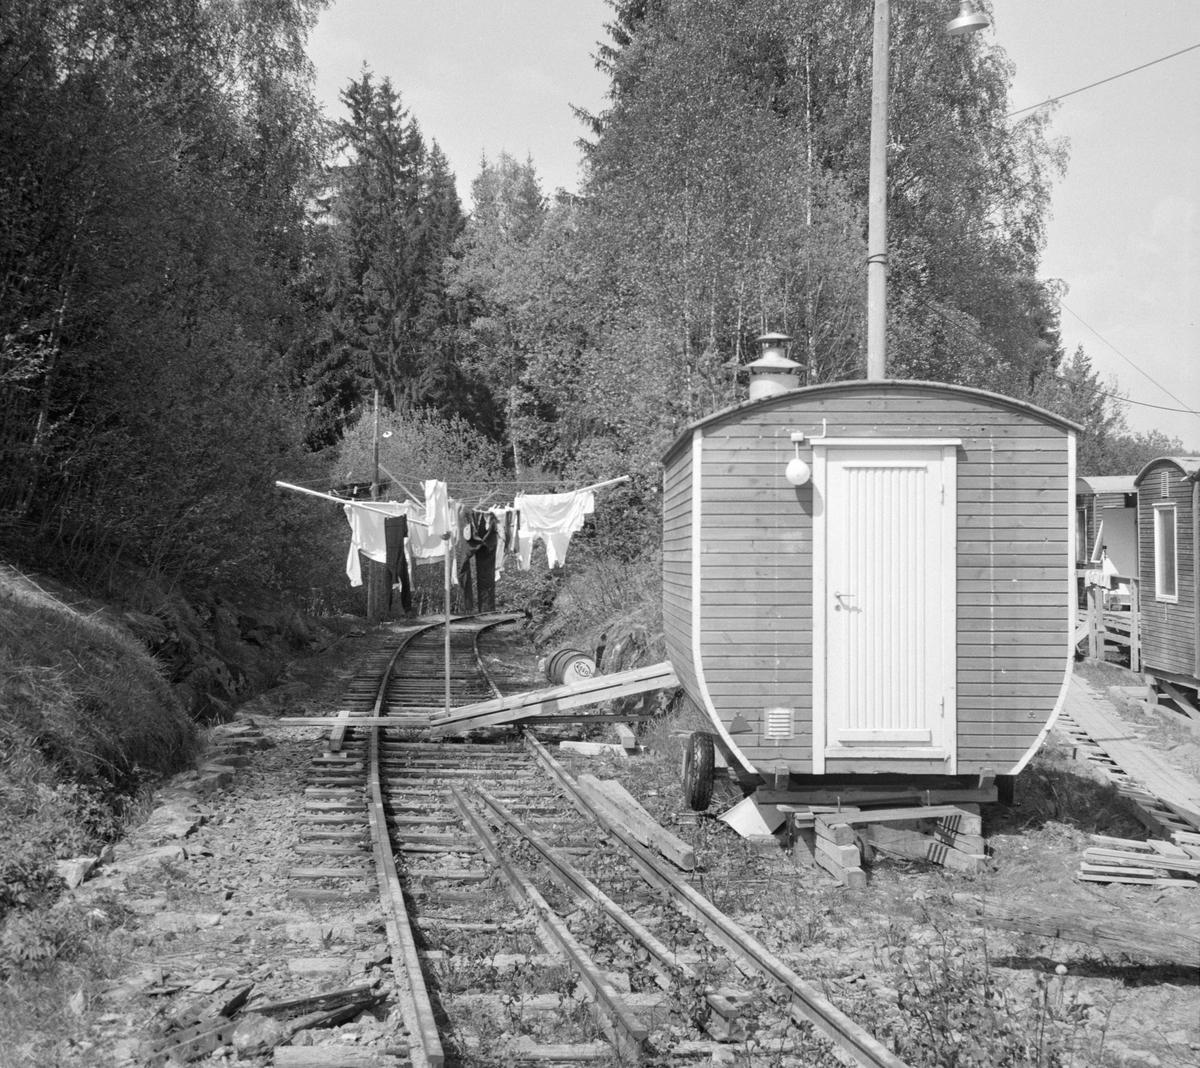 Ved innkjøringen til Solbergfoss stasjon på den nedlagte Solbergfossbanen.